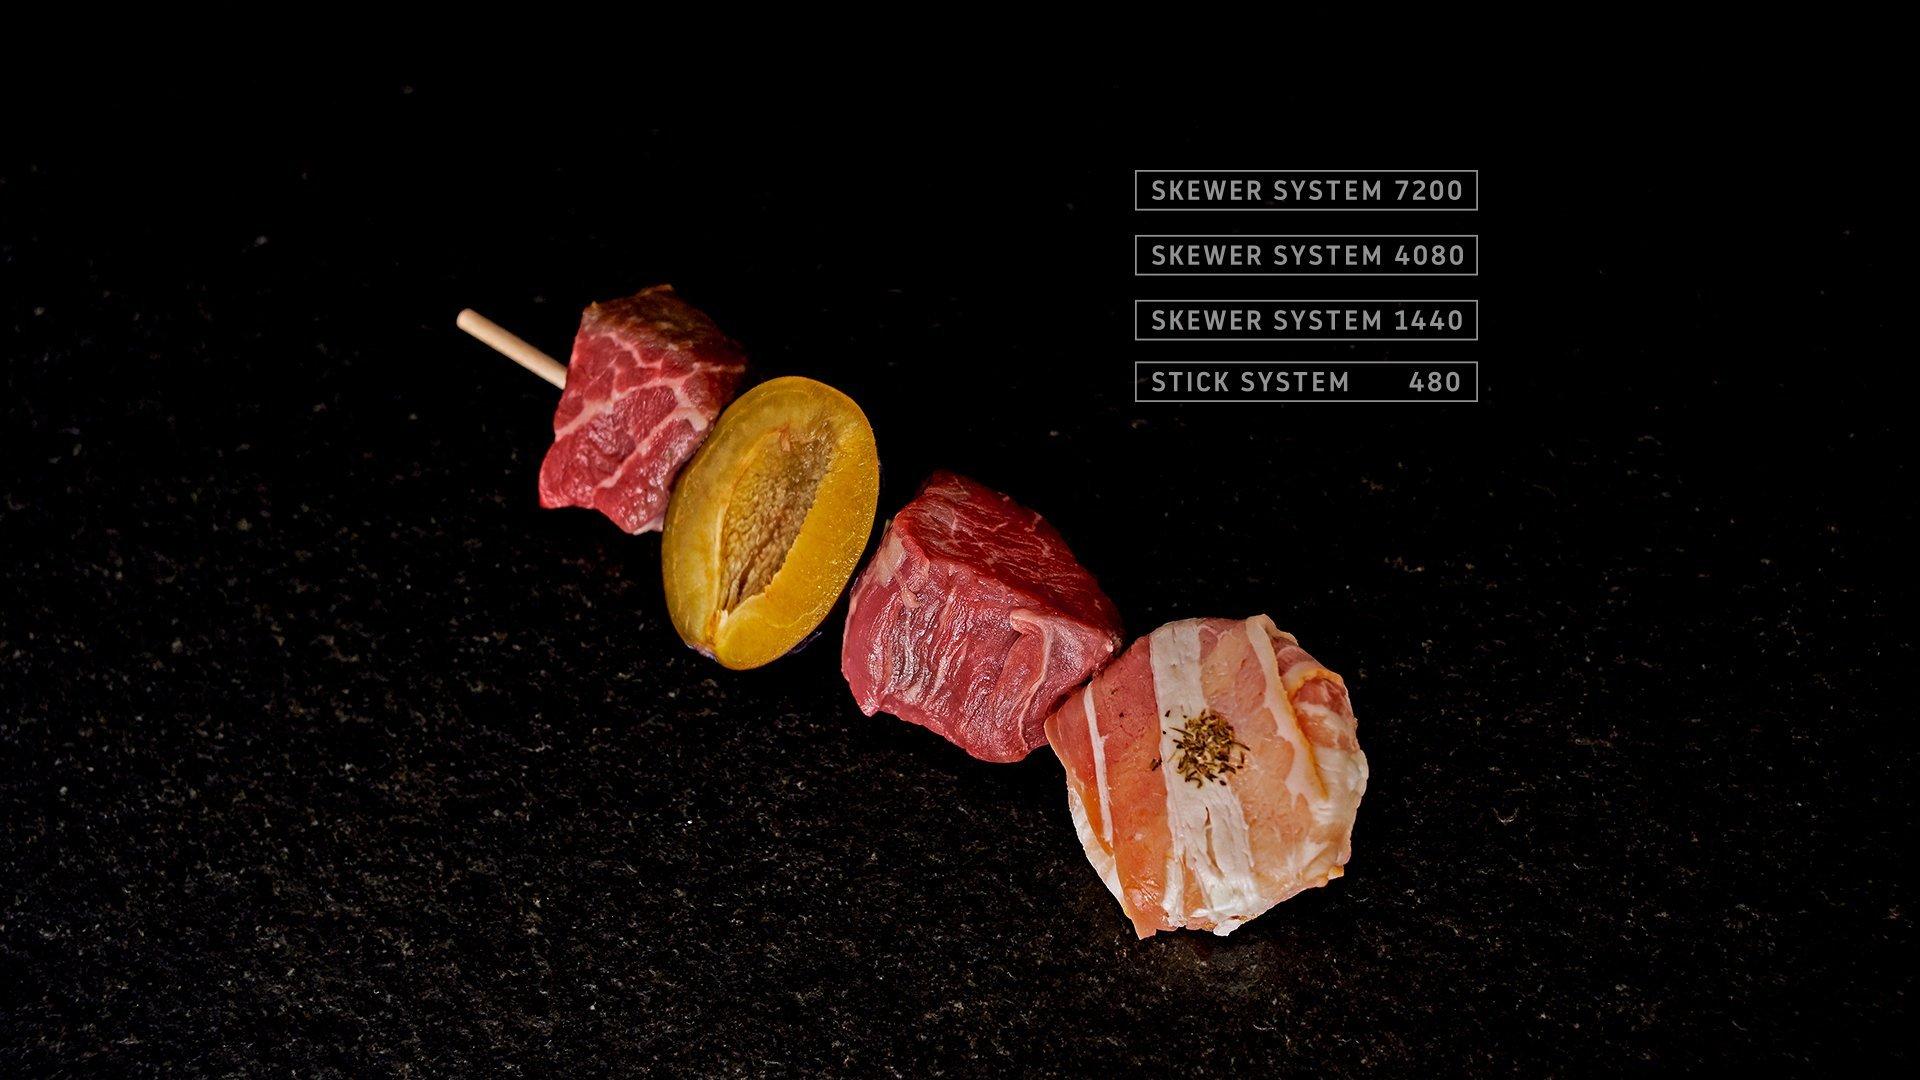 Miveg Skewer Systems · Fleisch Pflaume Ziegenkäse Speck Spieß · Meat plum goat cheese bacon skewer